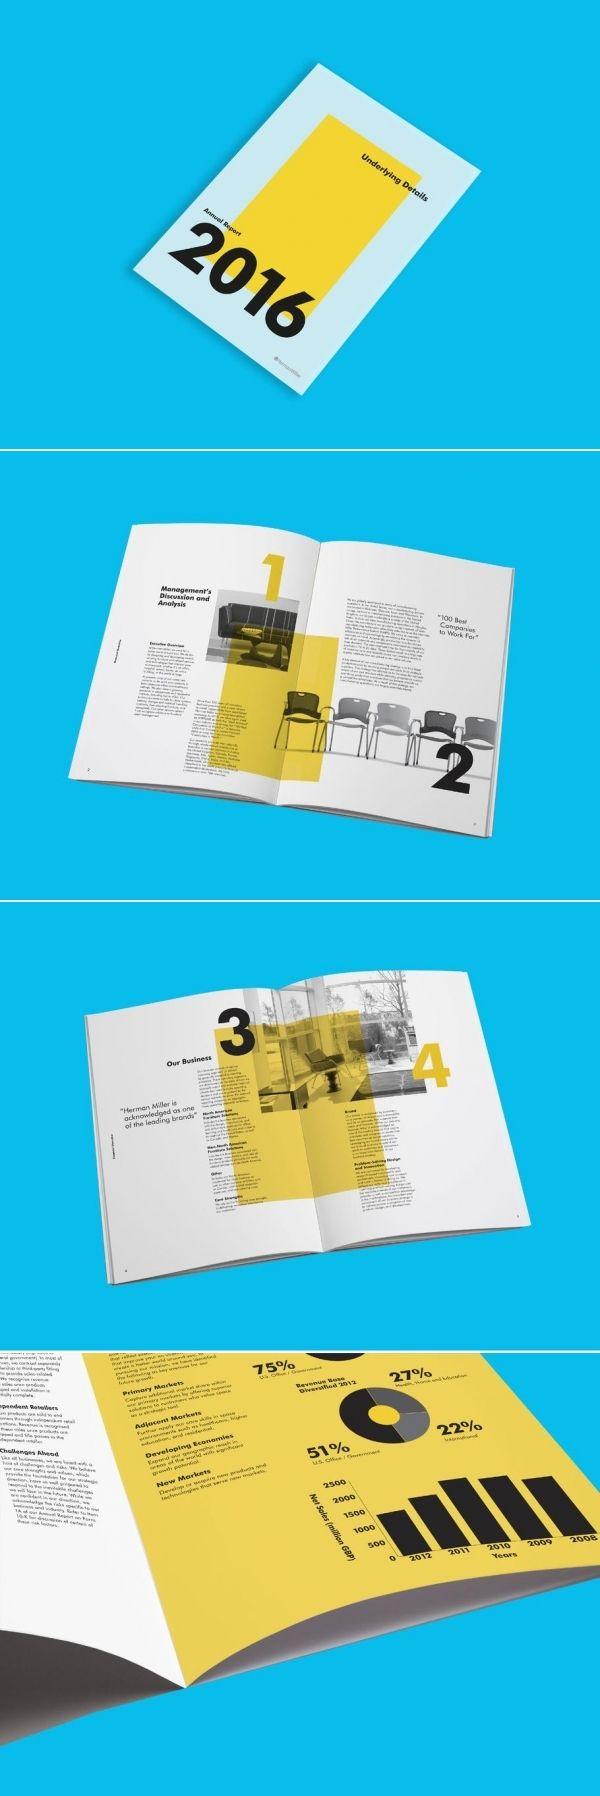 Annual Report by Jenni Wijsmuller, Shillington Graduate